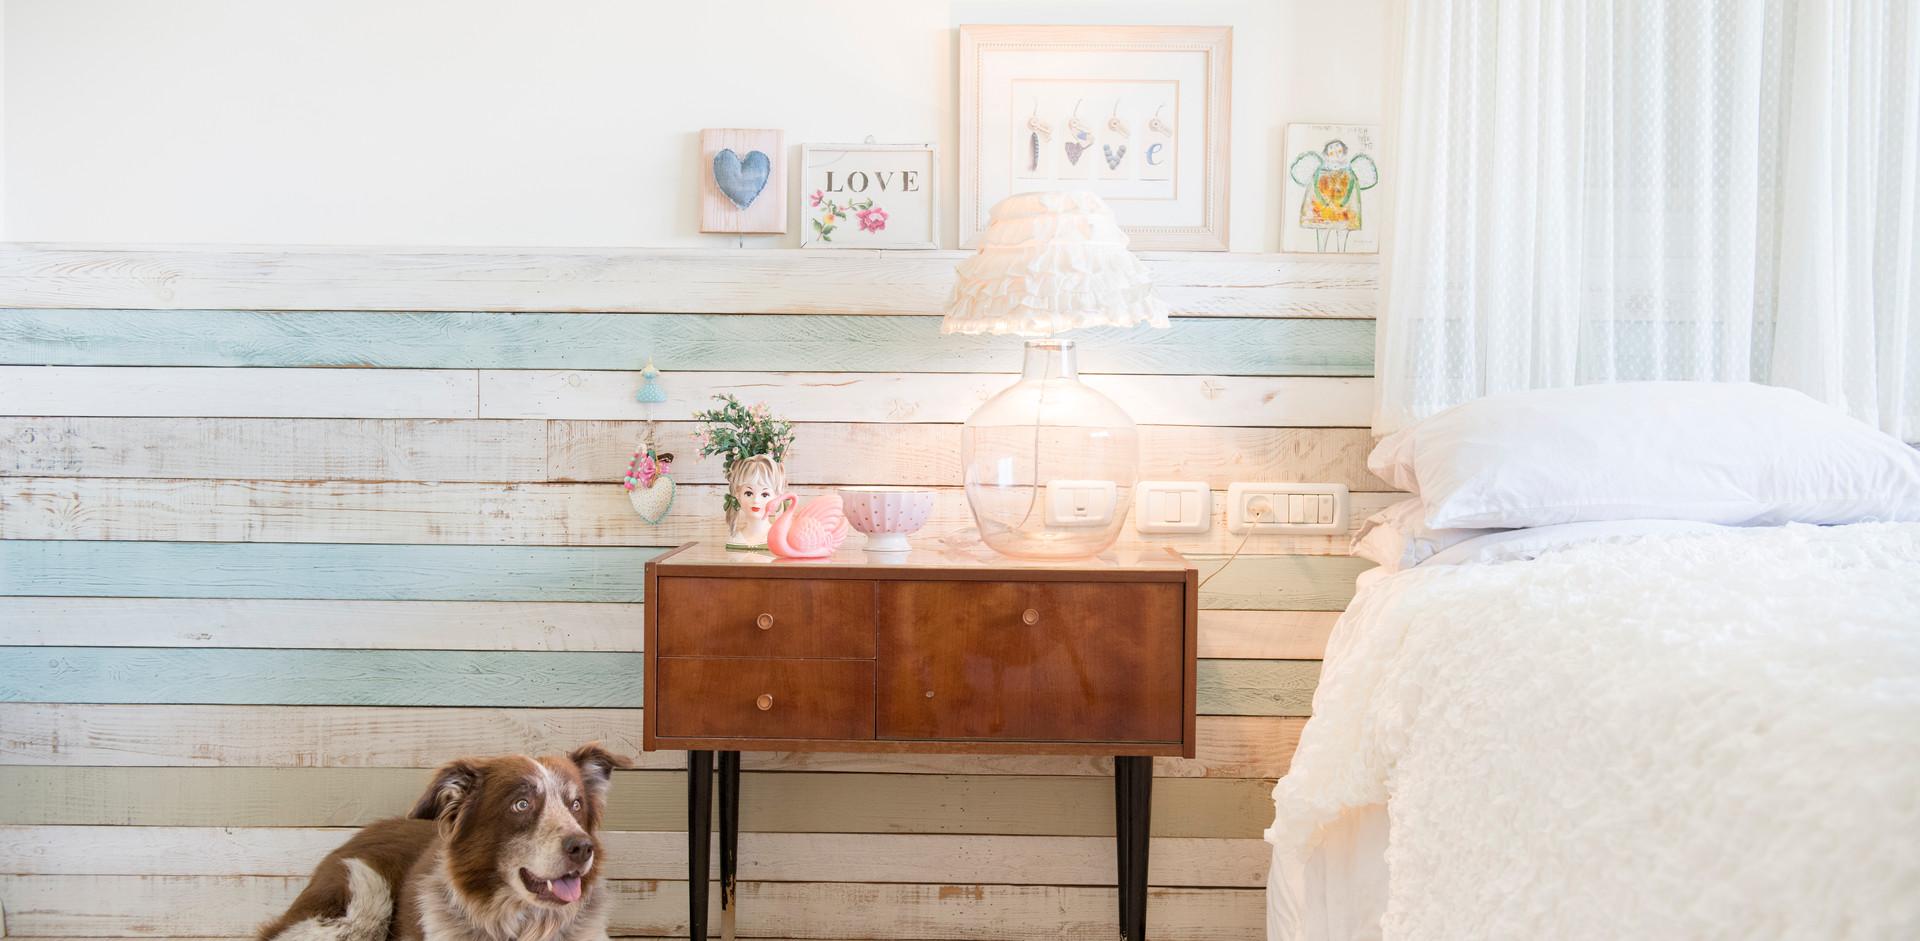 קיר עץ ממוחזר מעטר את גב המיטה וג מהווה מדף לתמונות